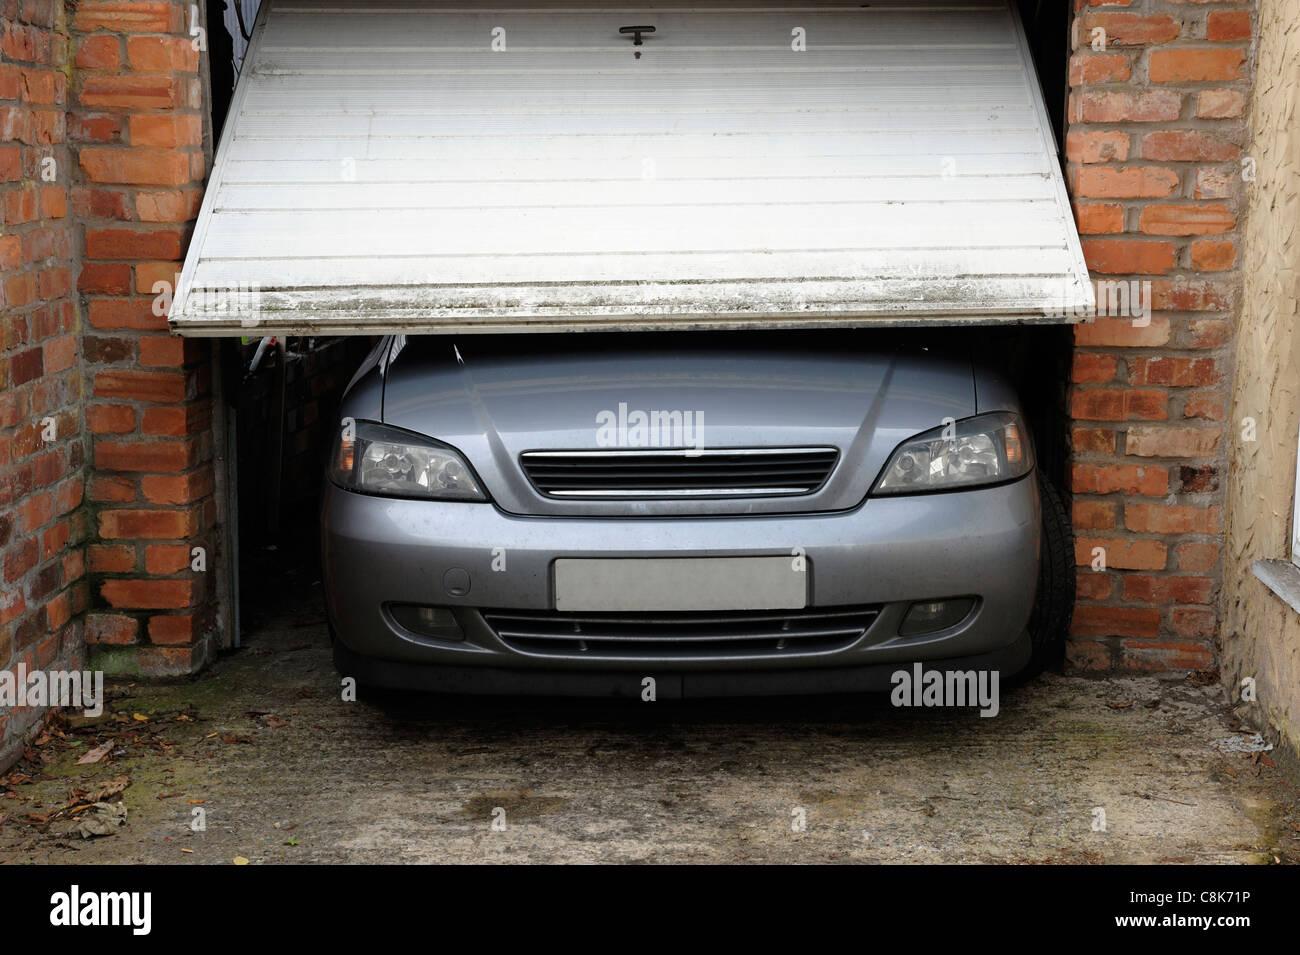 Voiture ne rentre pas dans le garage Photo Stock